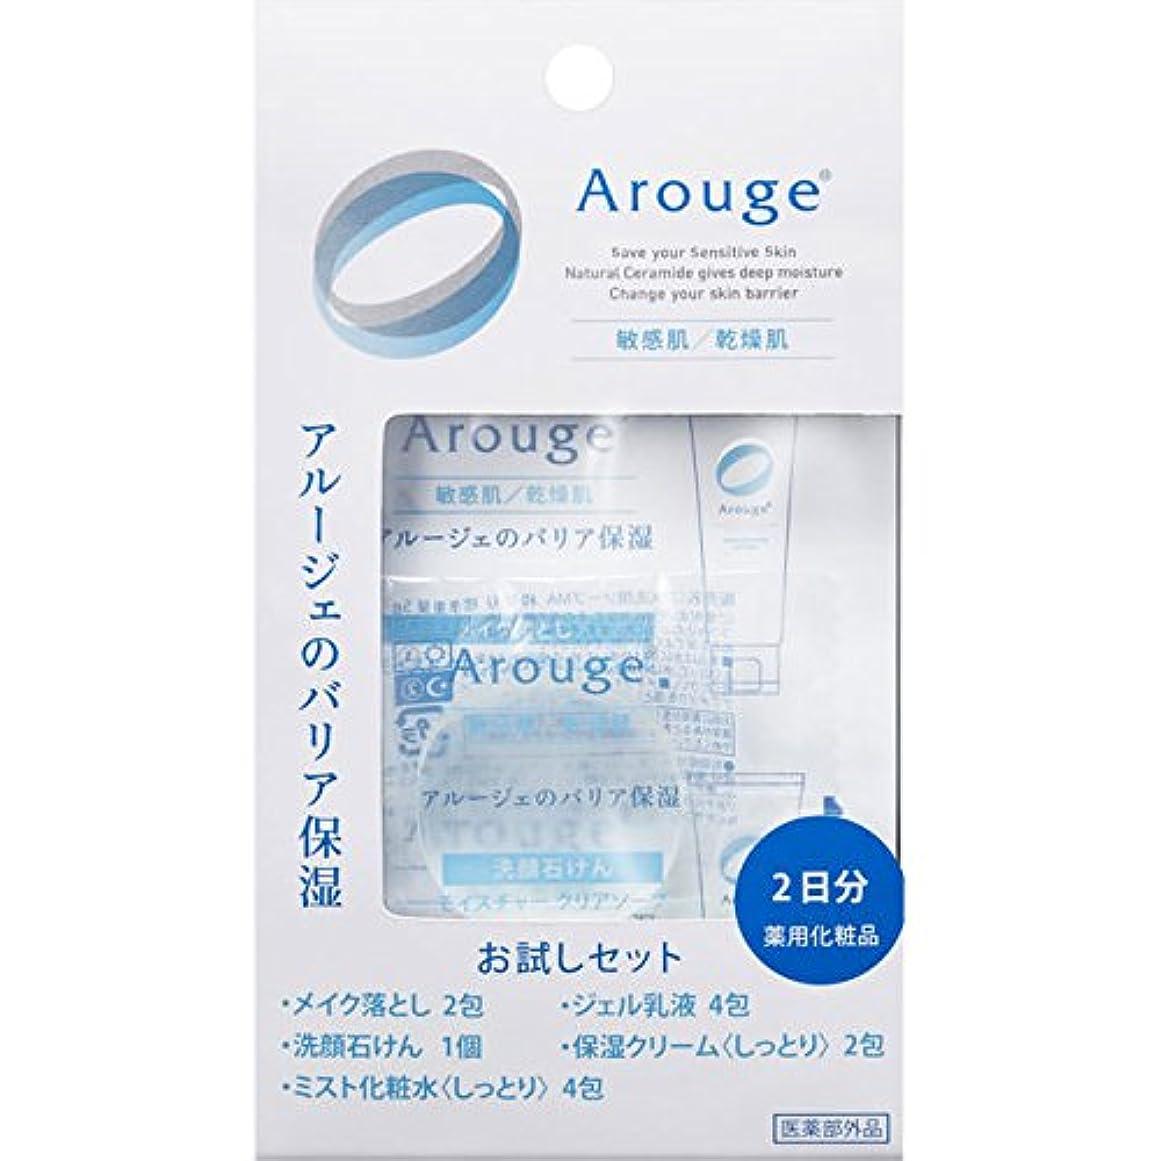 ニンニク交じるタバコ全薬工業 アルージェ お試しセット 5種 (医薬部外品)